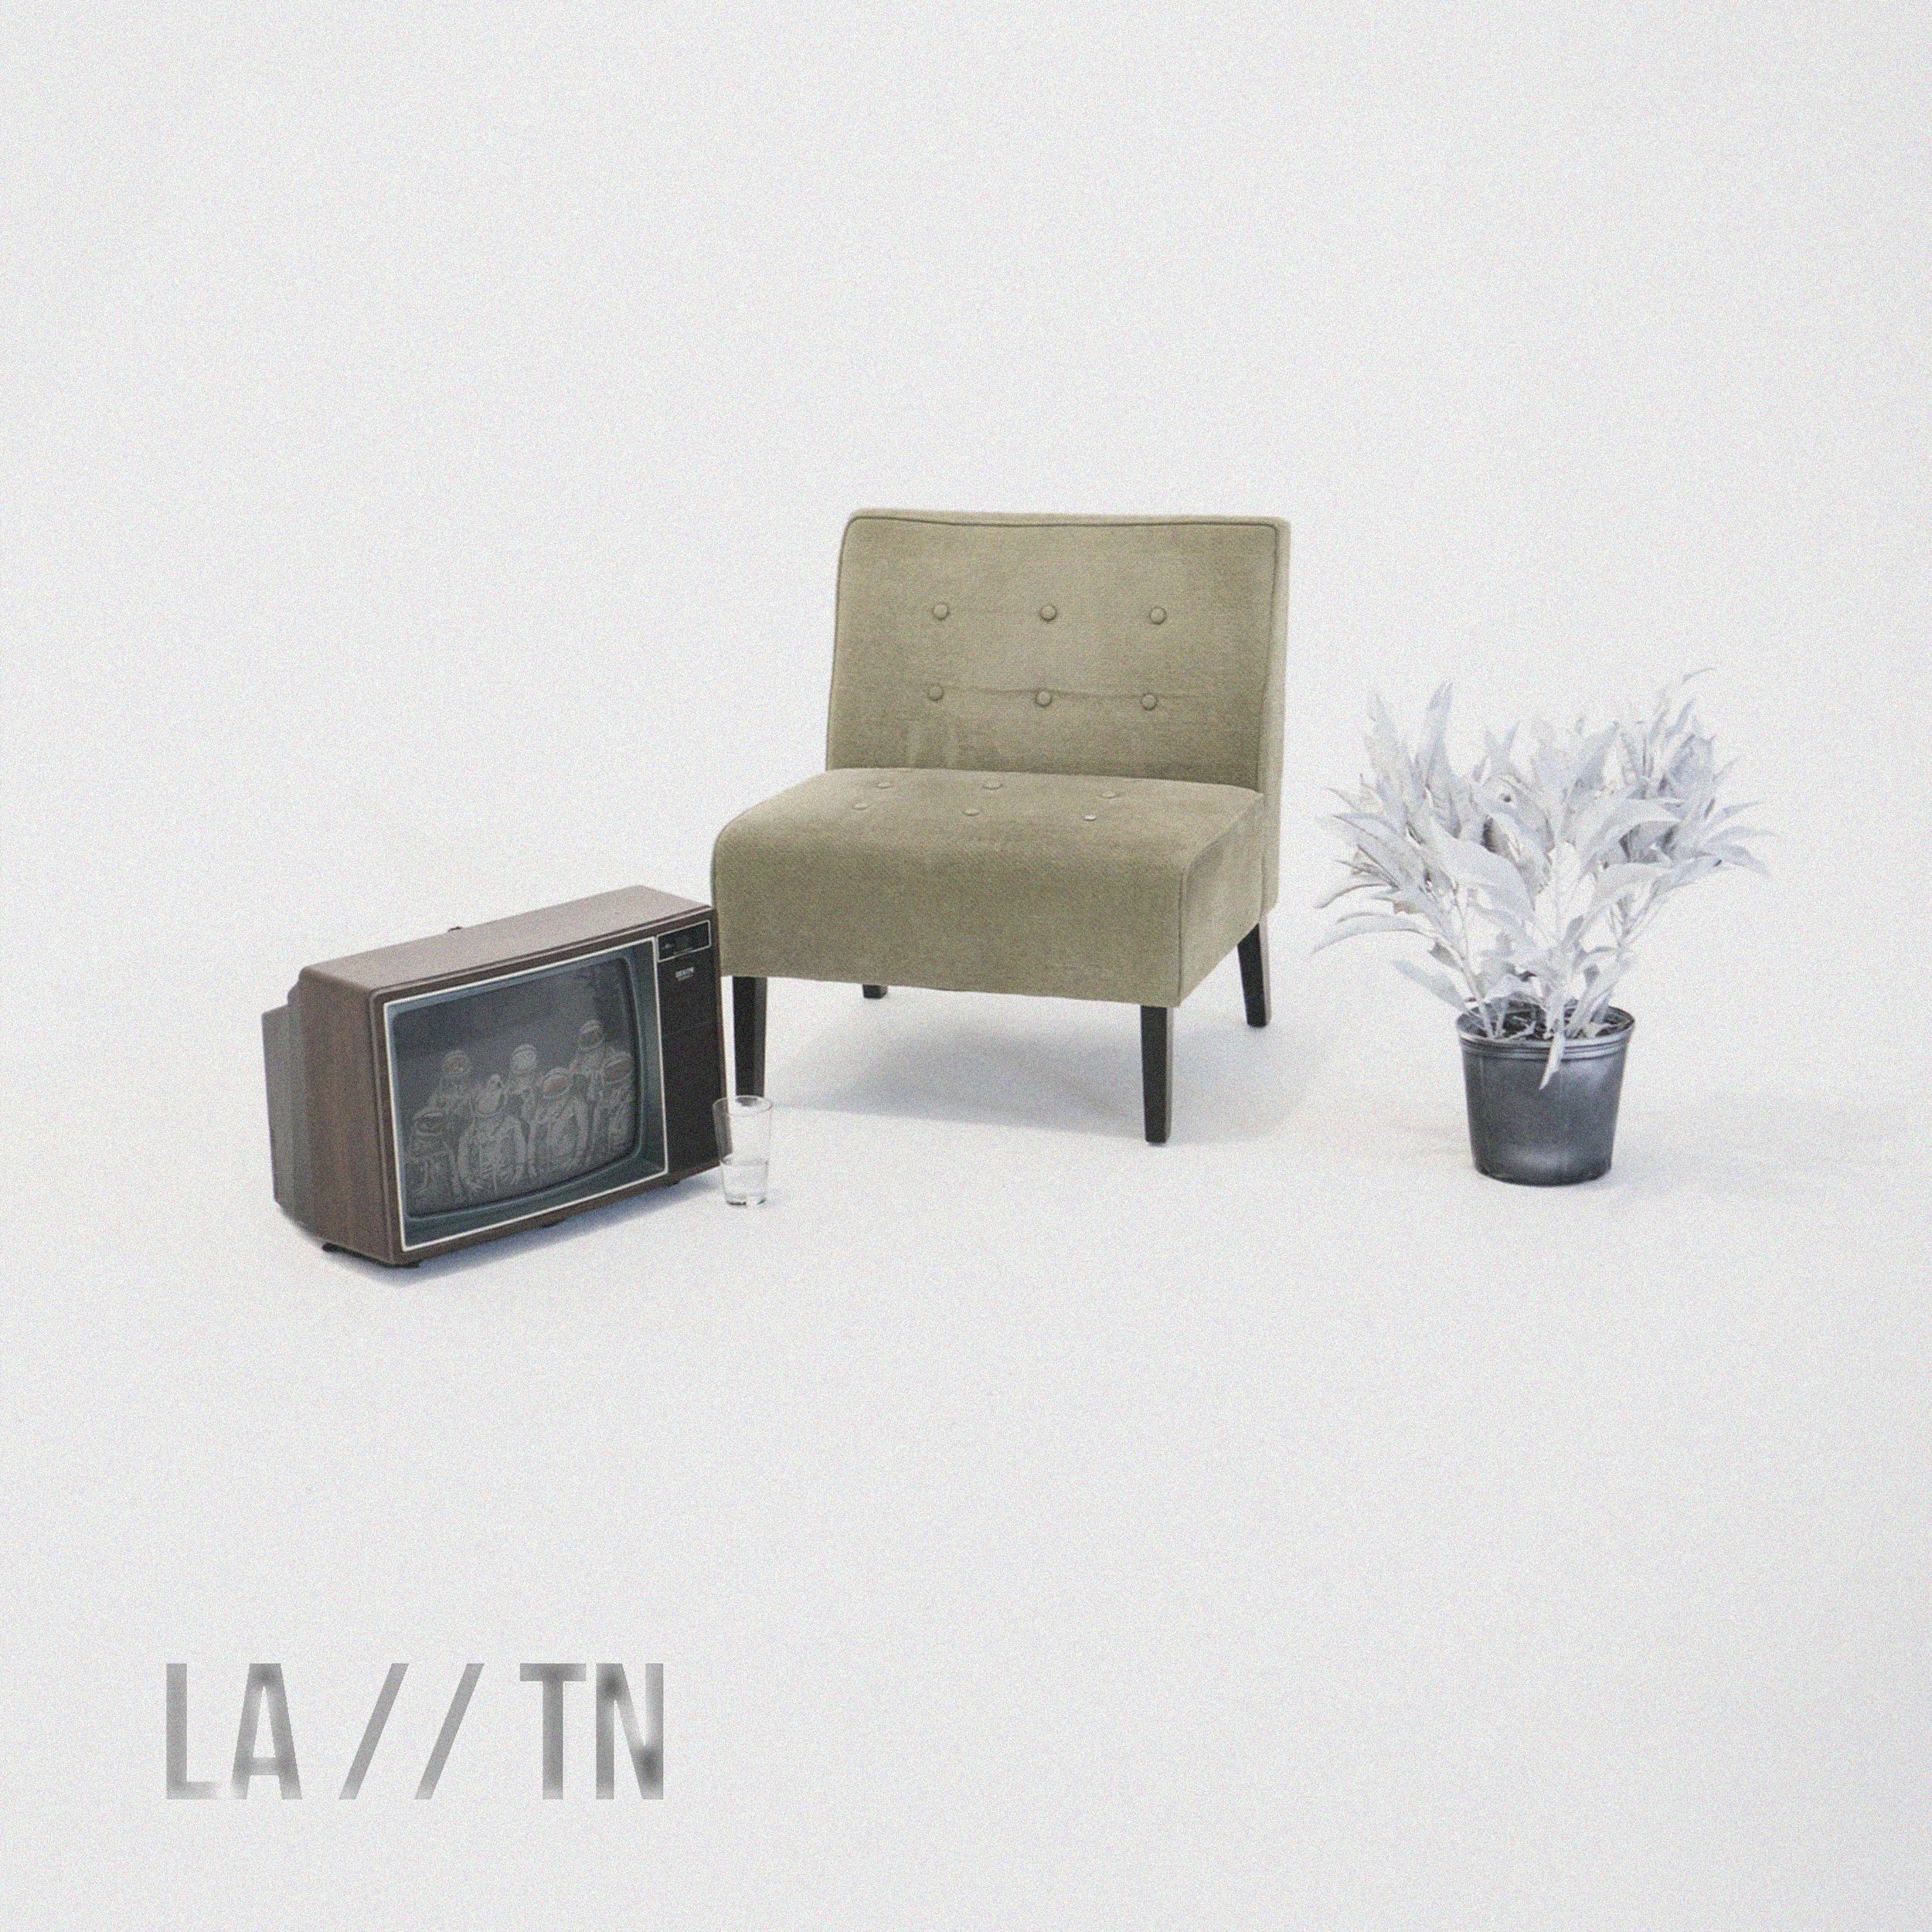 LA/TN - SINGLE